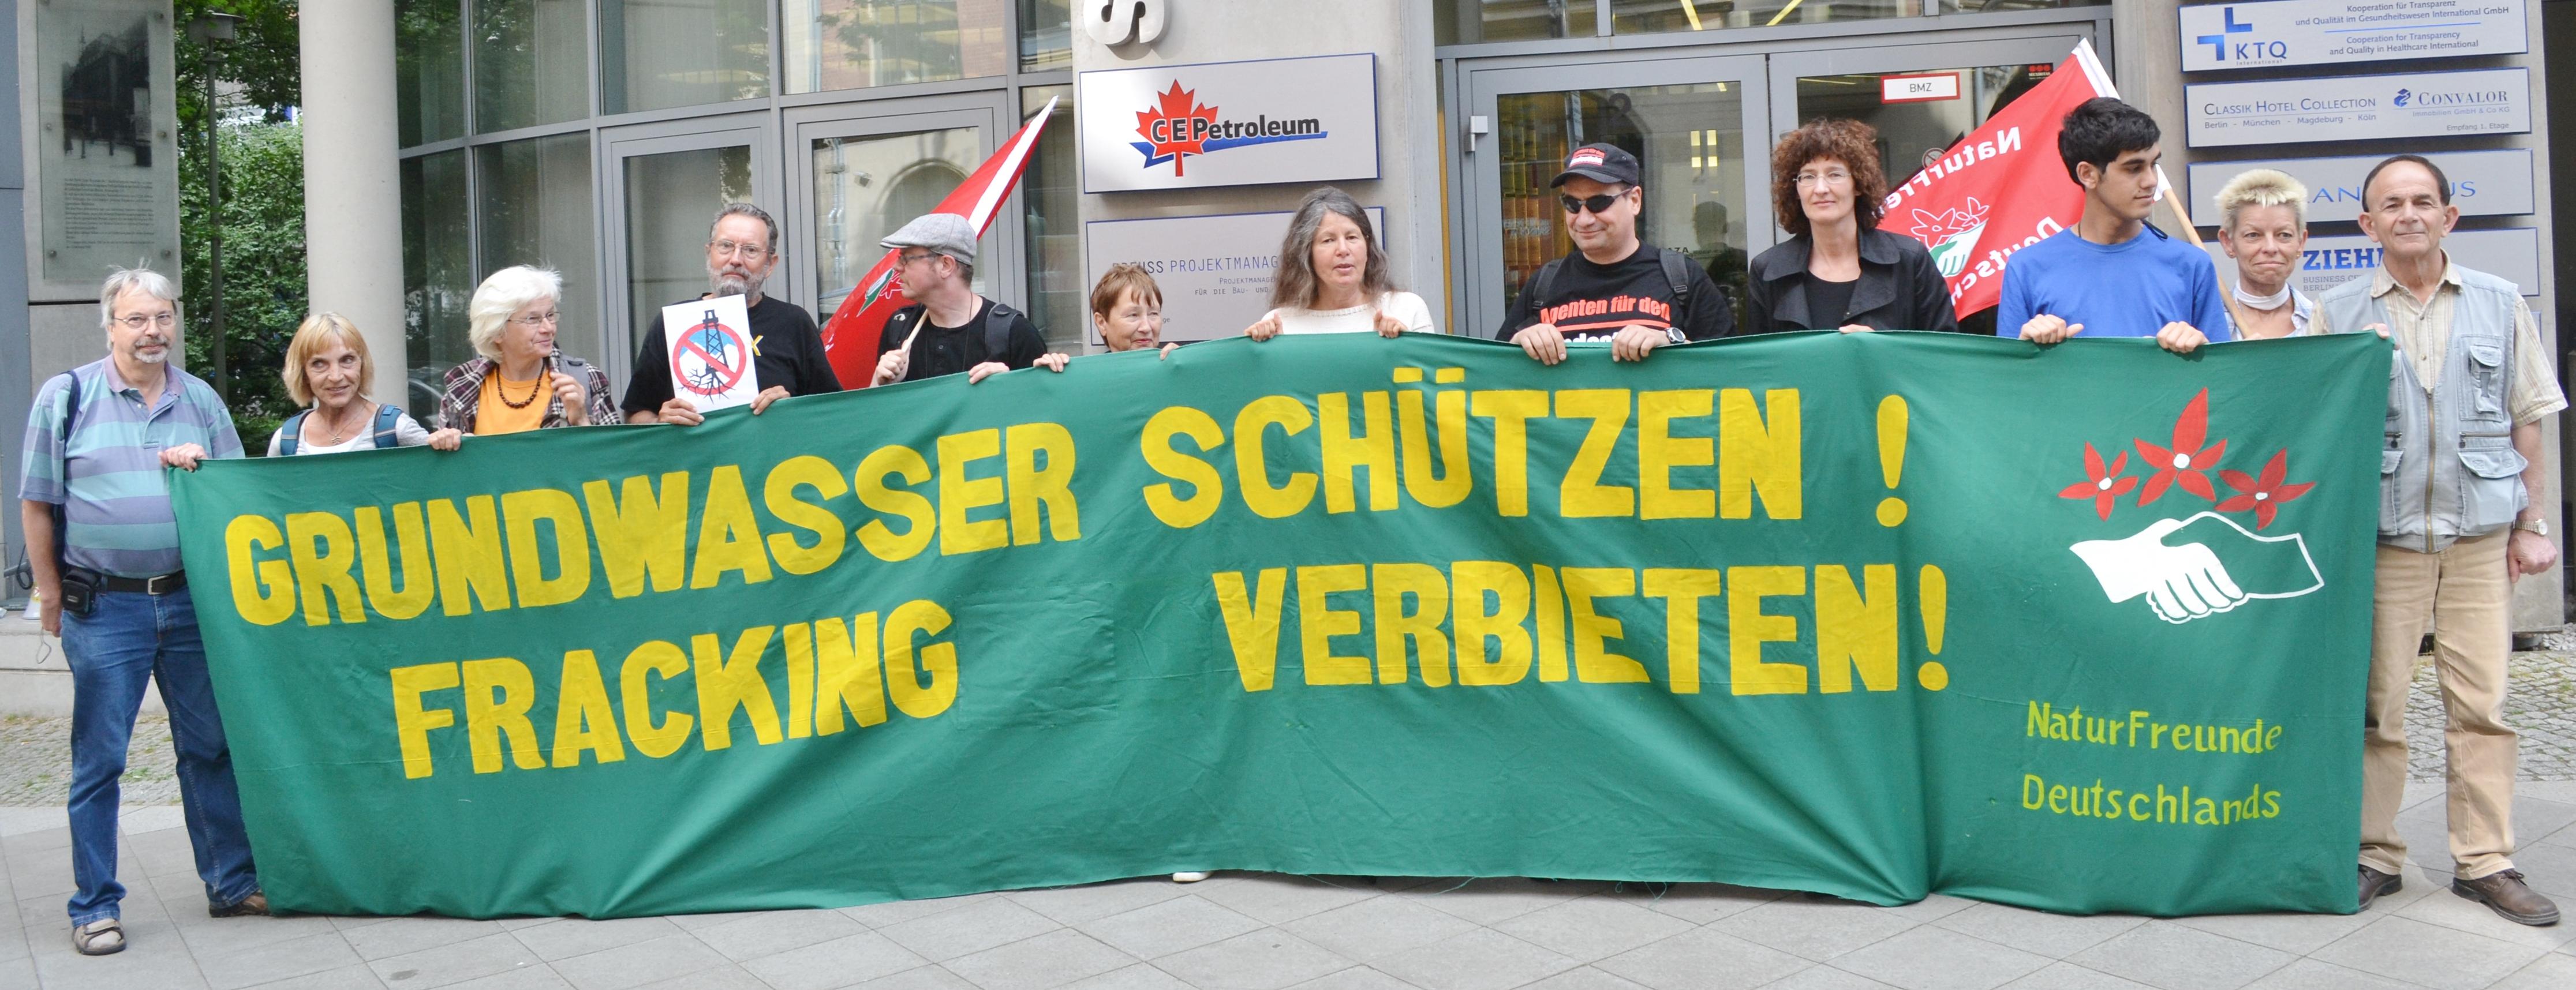 Protest gegen Frackingvorhaben in Deutschland. ©Uwe Hiksch